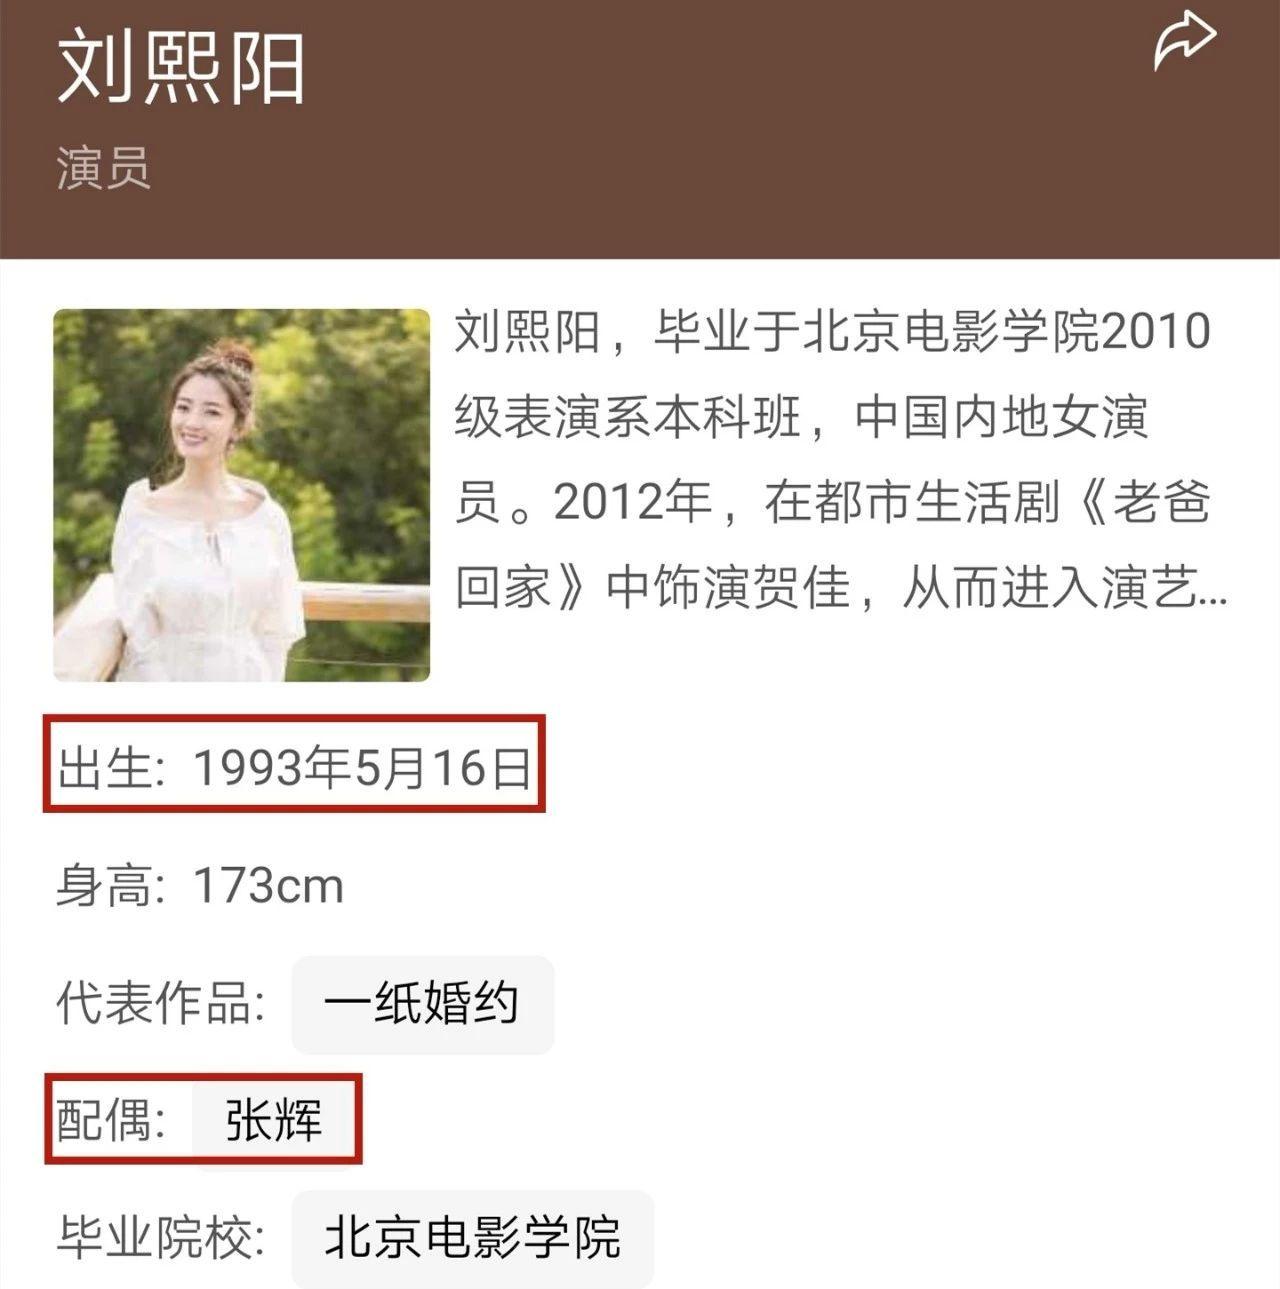 内地百度百科显示刘熙阳配偶为张辉。微博图片